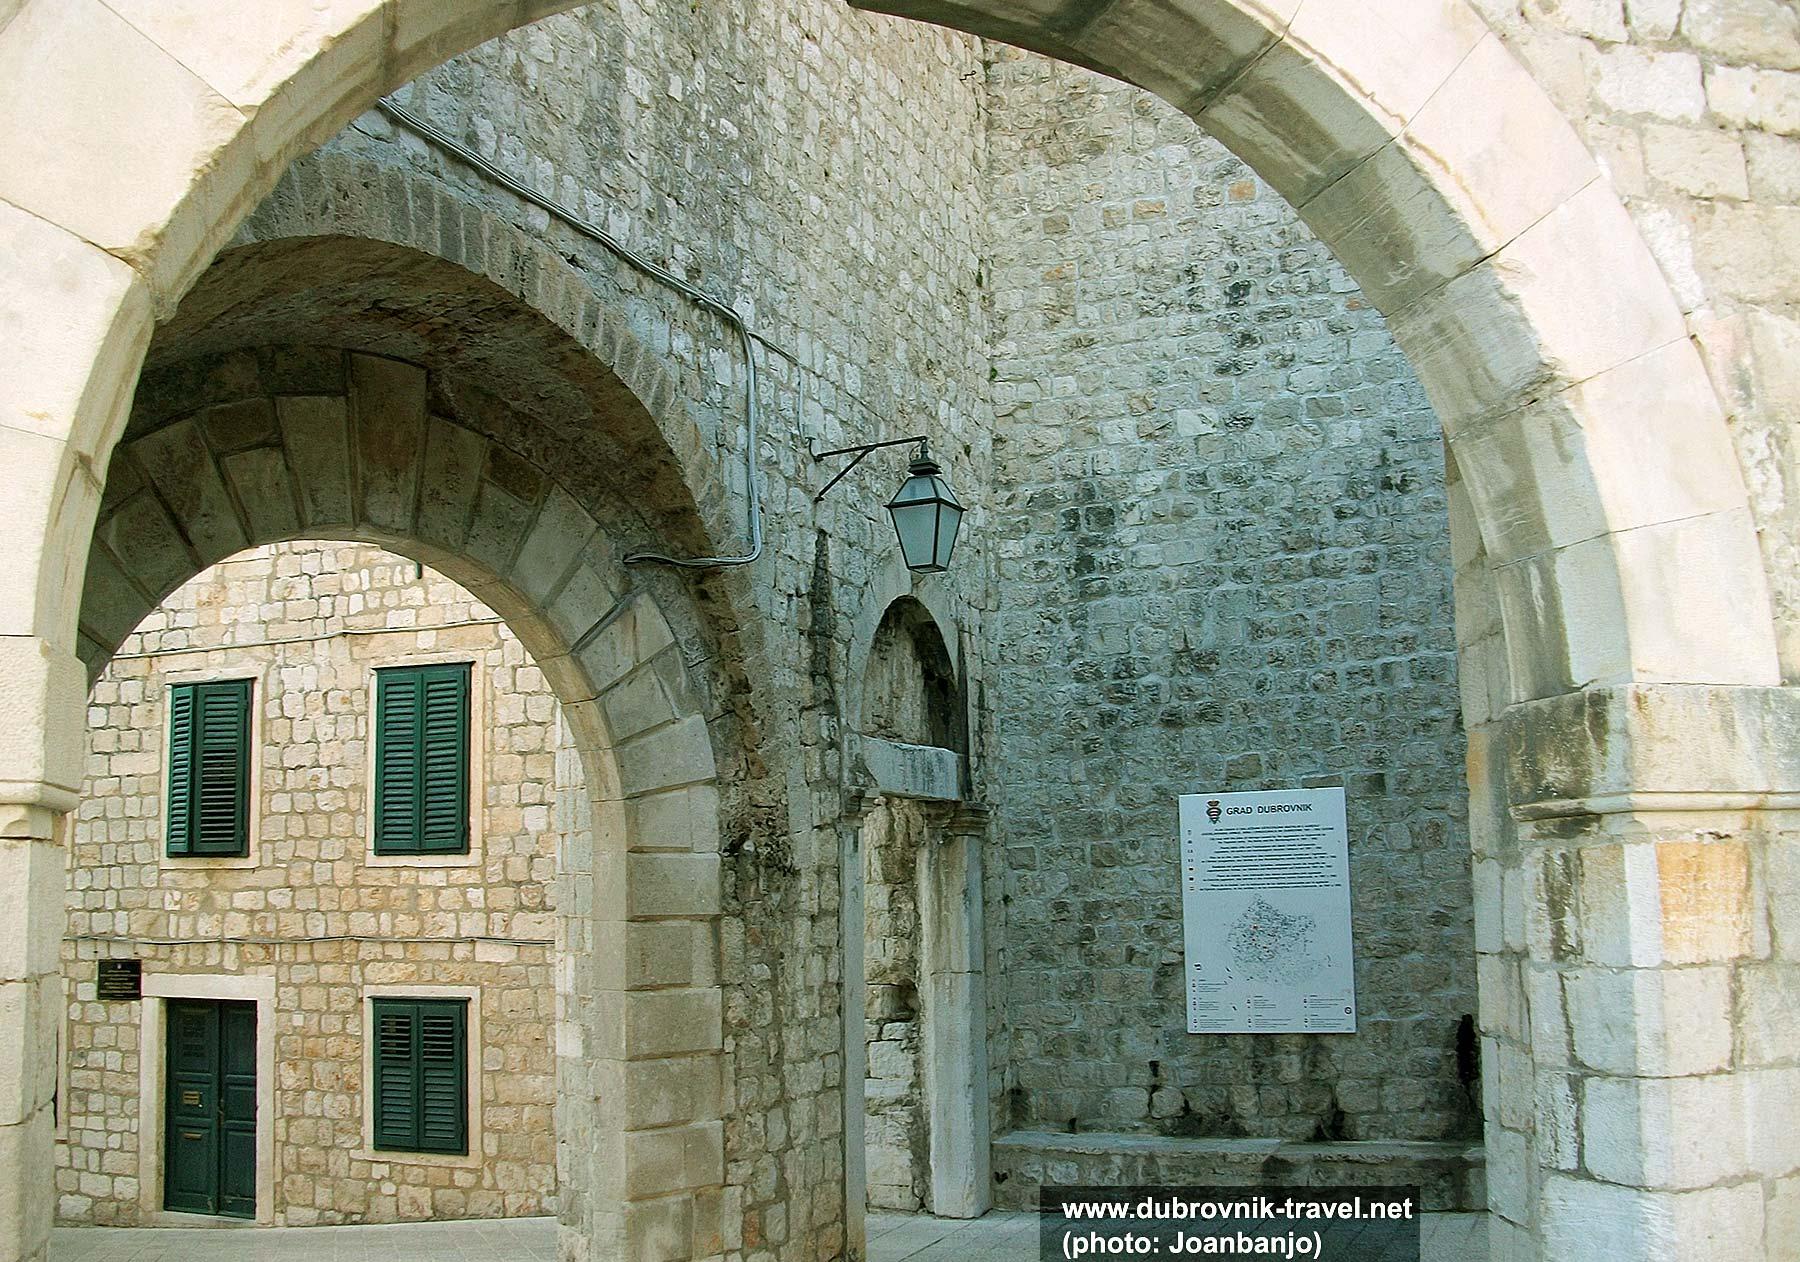 Inner section of Ploce Gate, Dubrovnik